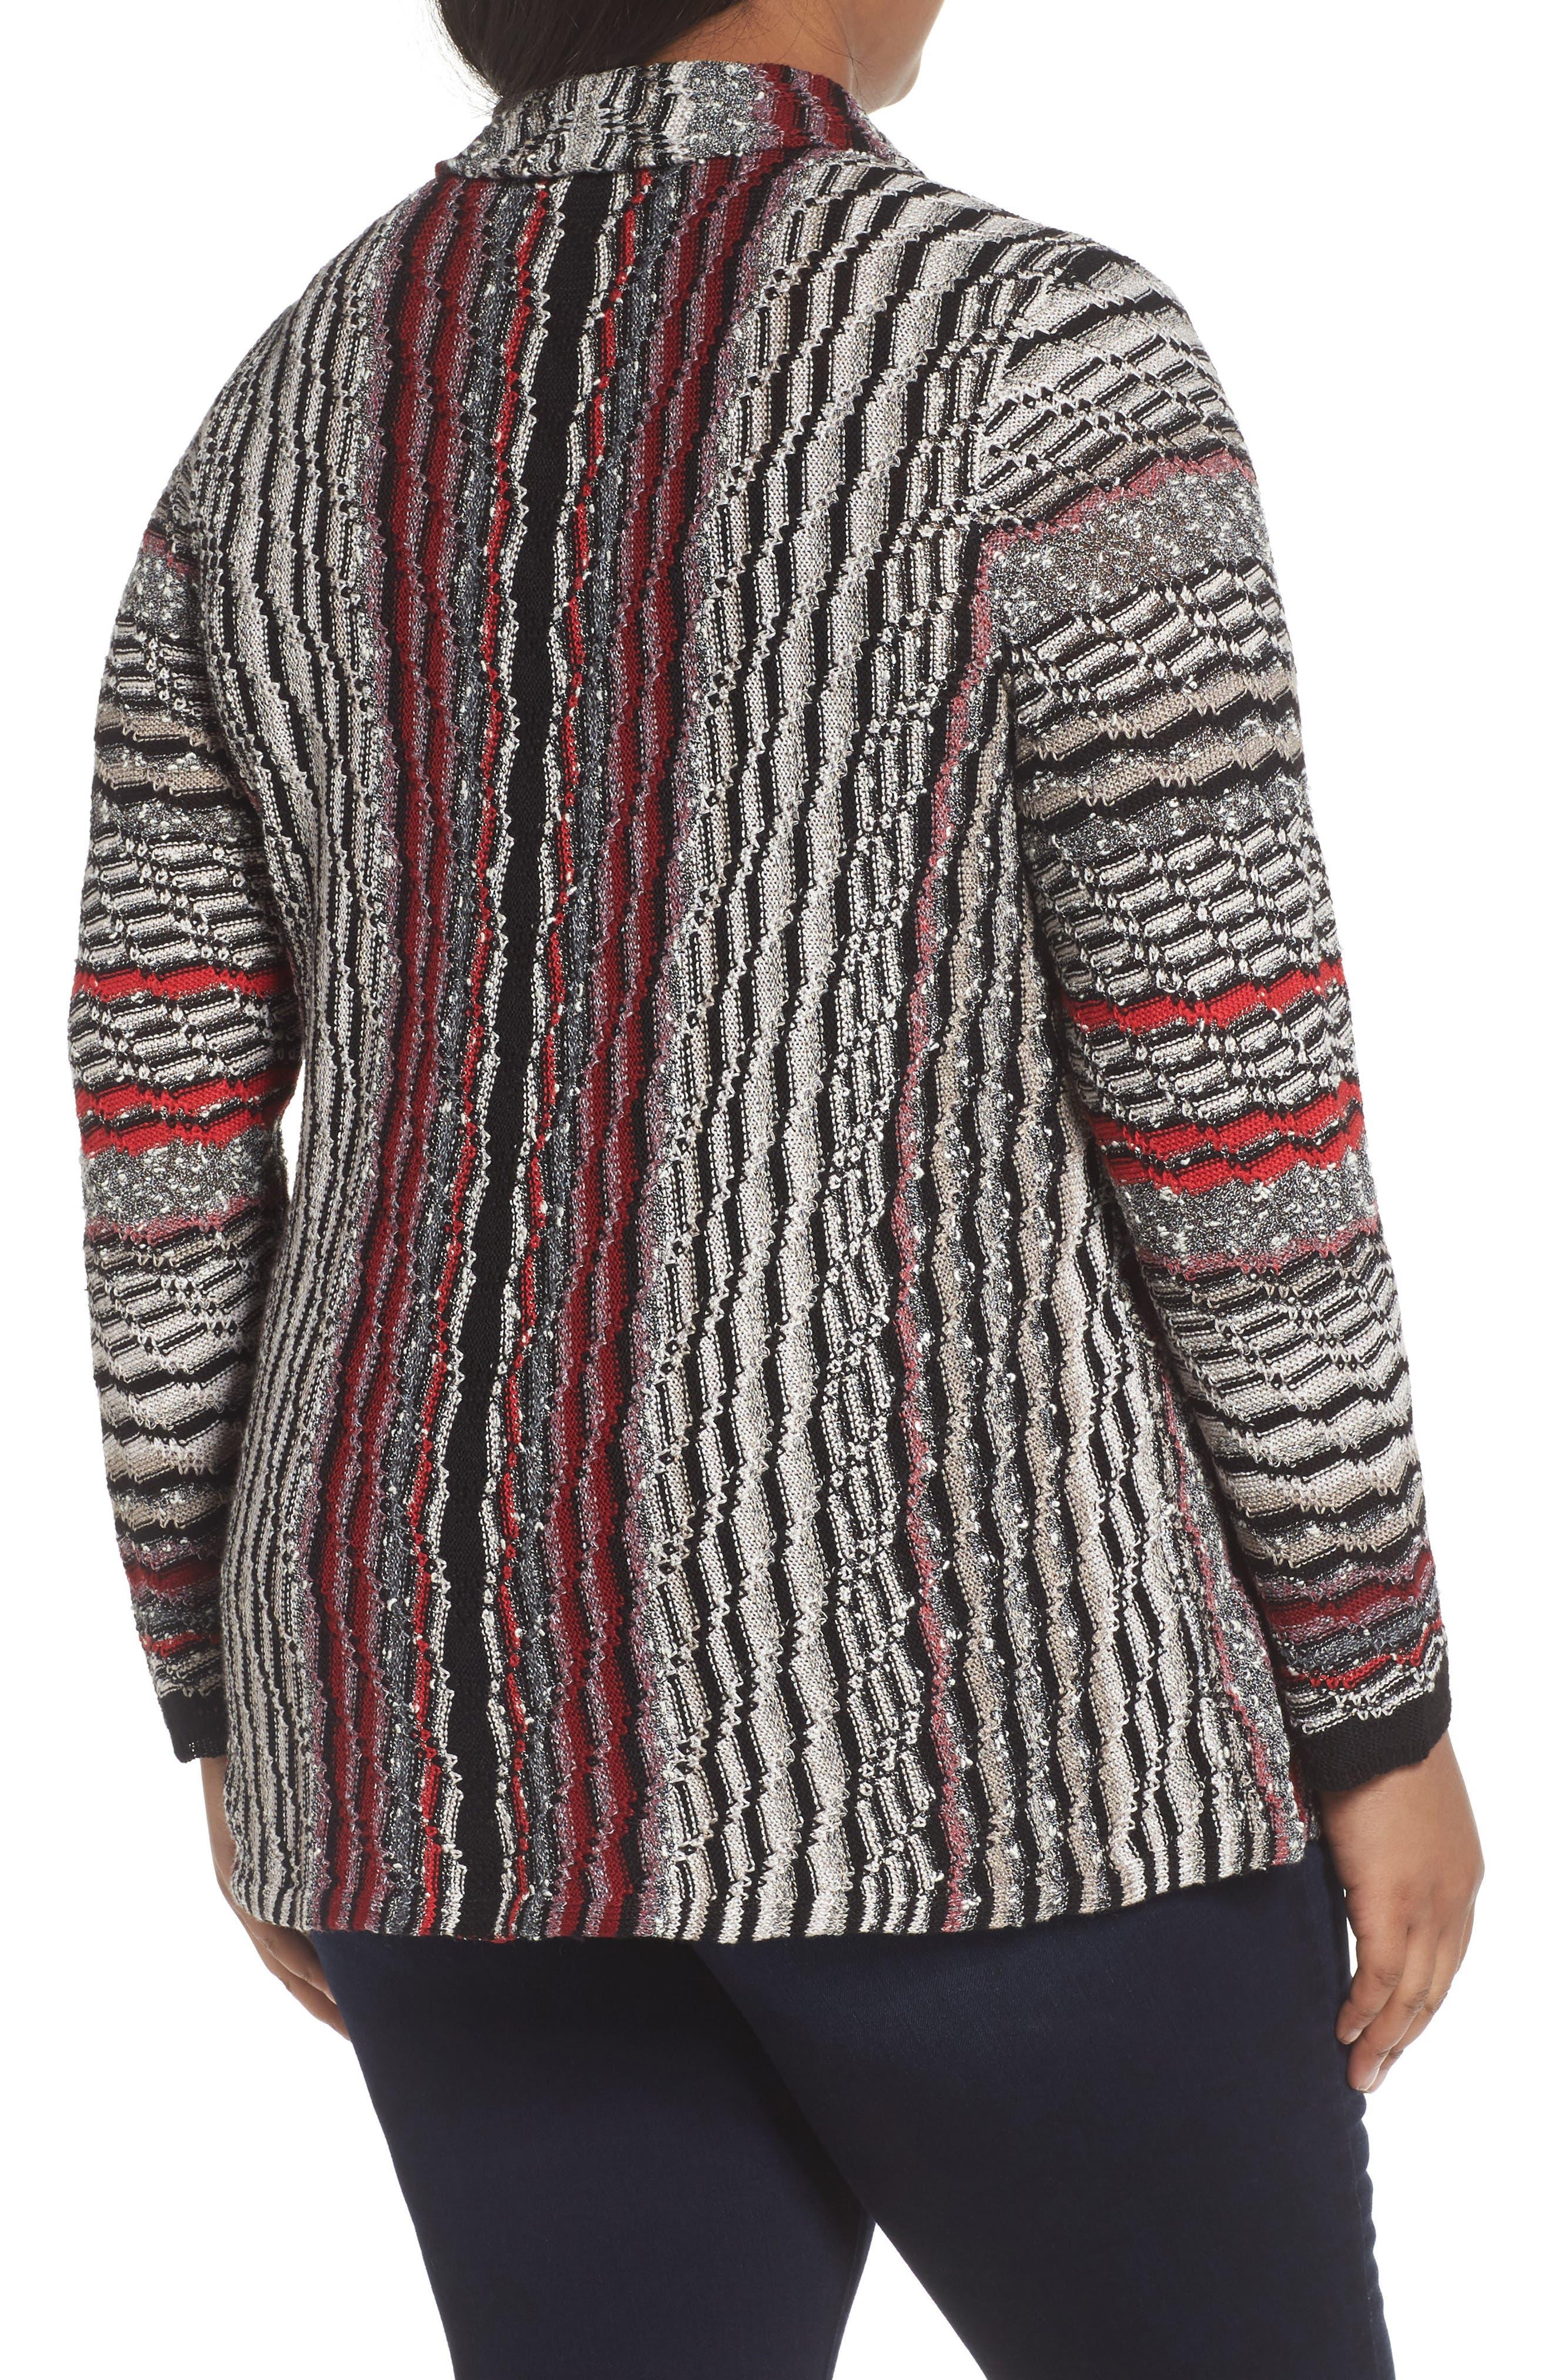 32517d6c82 Women s Sweaters